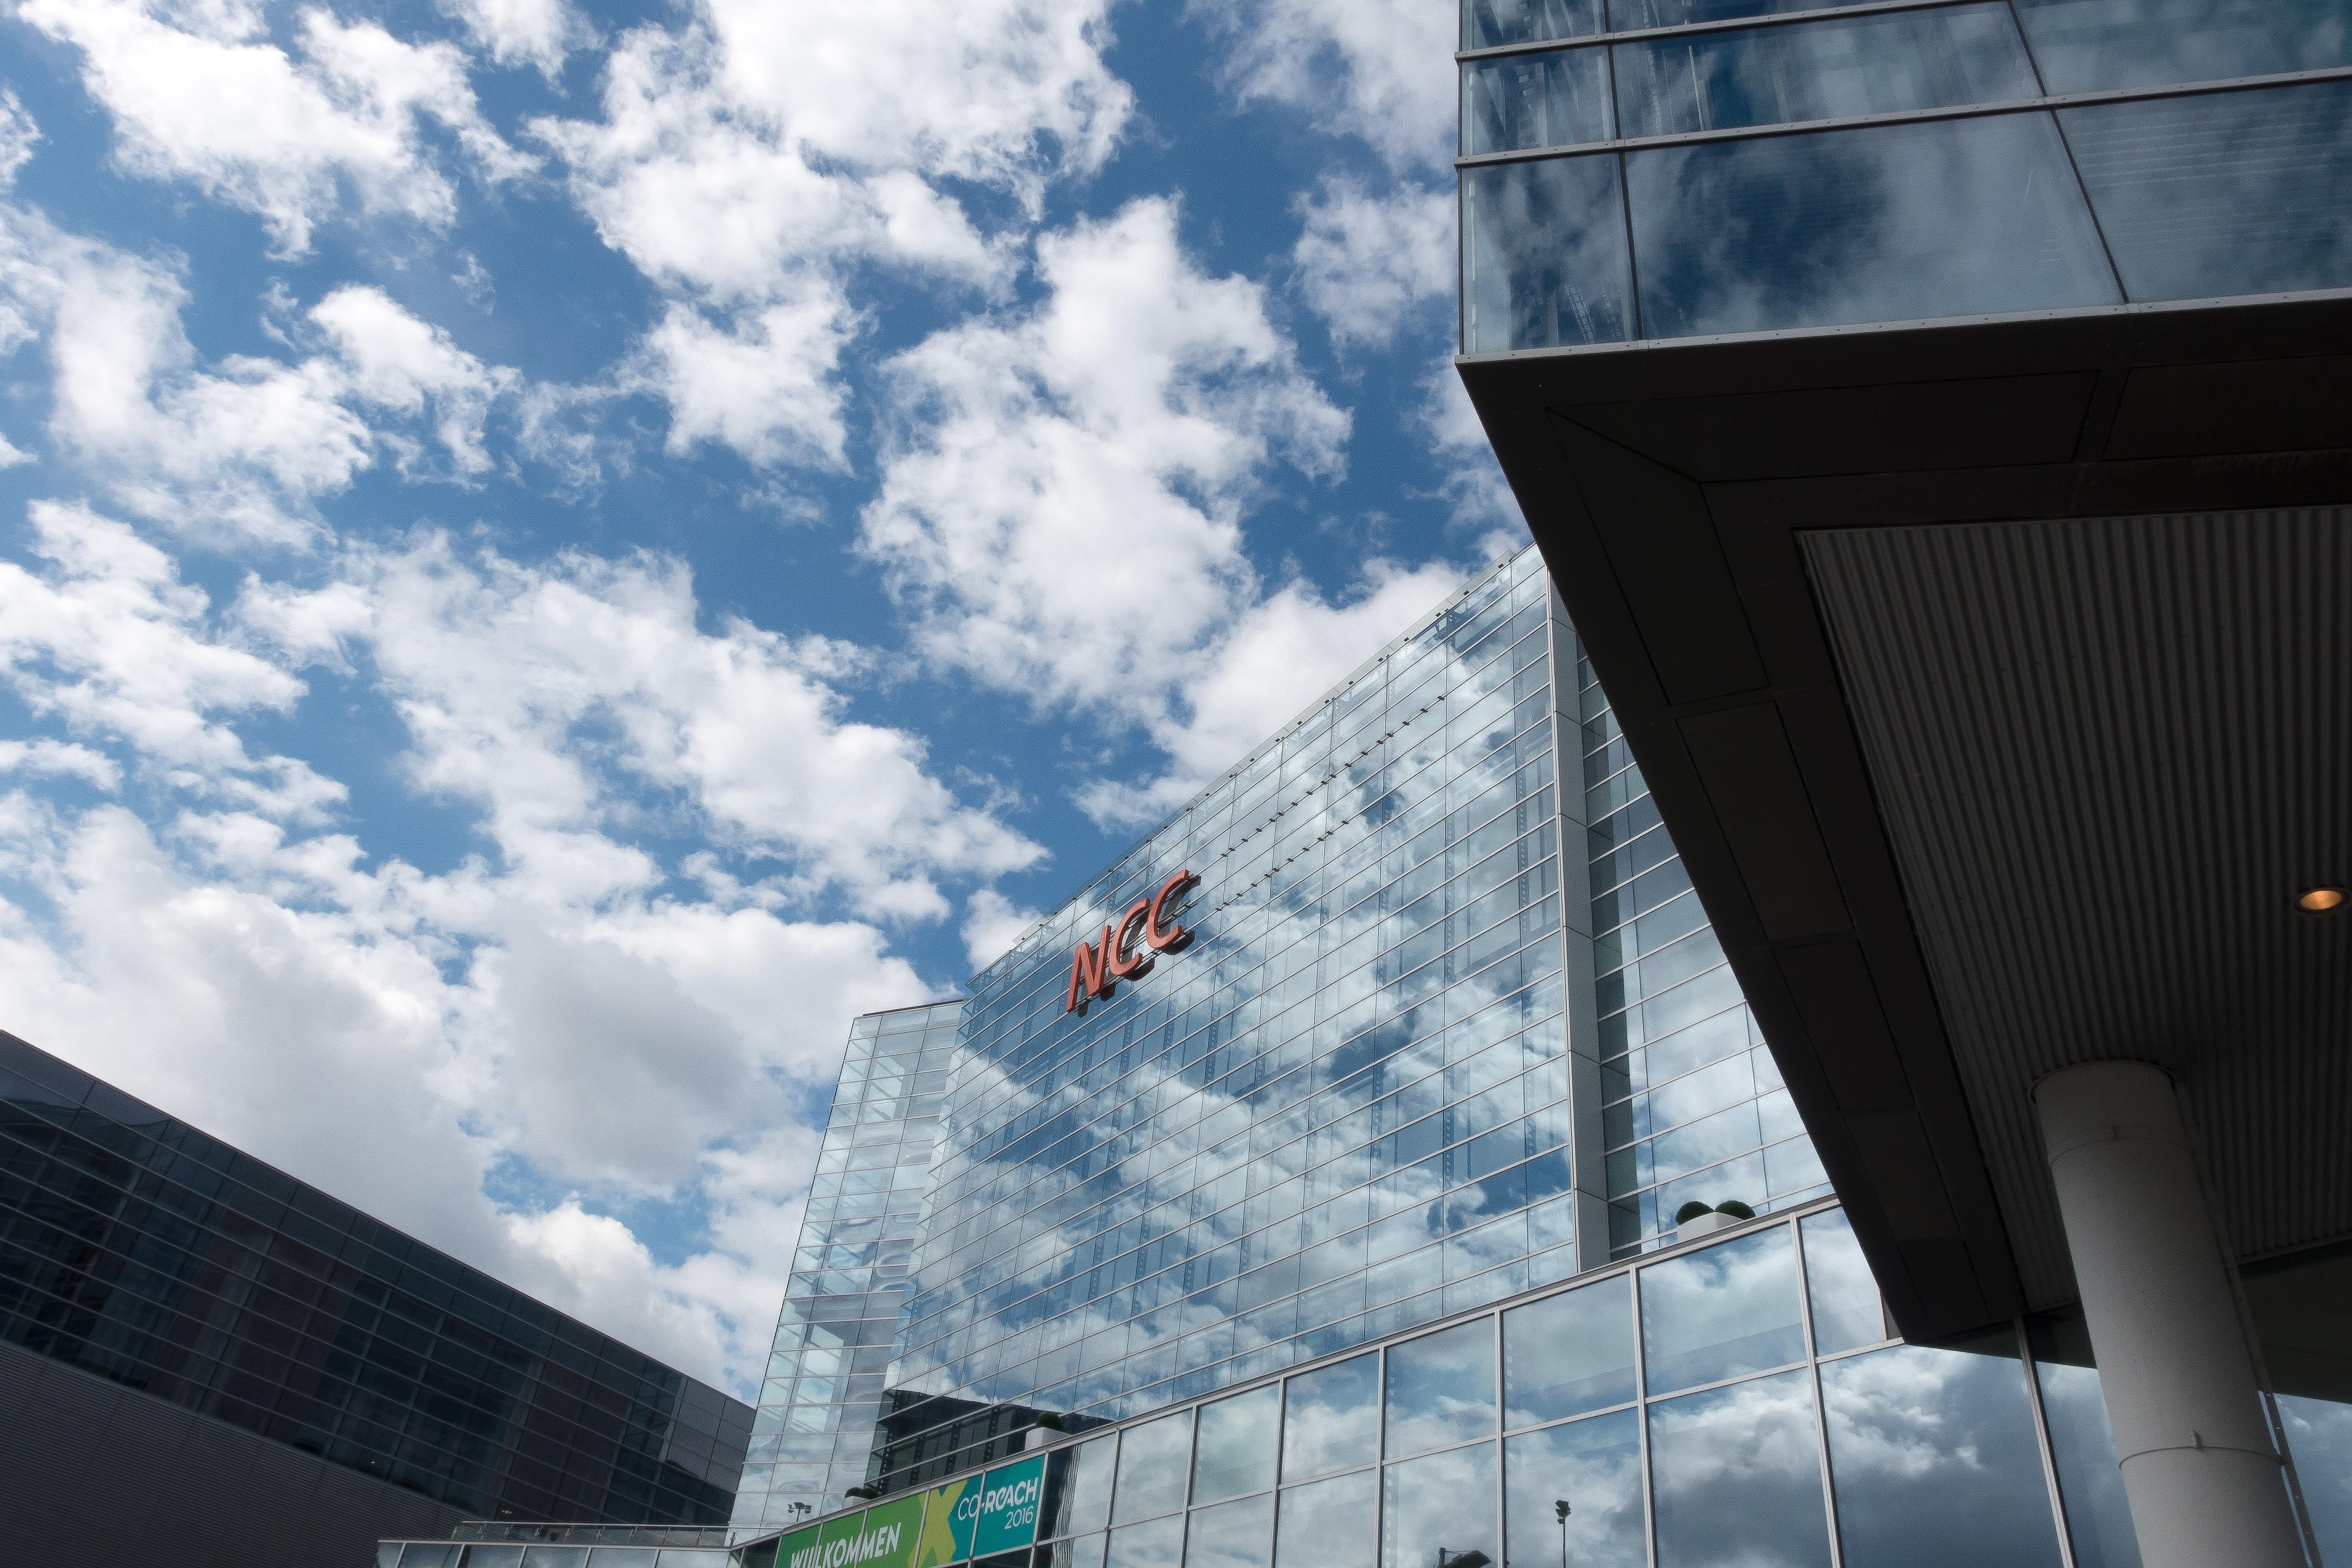 Stehlen Modern kostenlose foto wolke die architektur himmel weiß glas